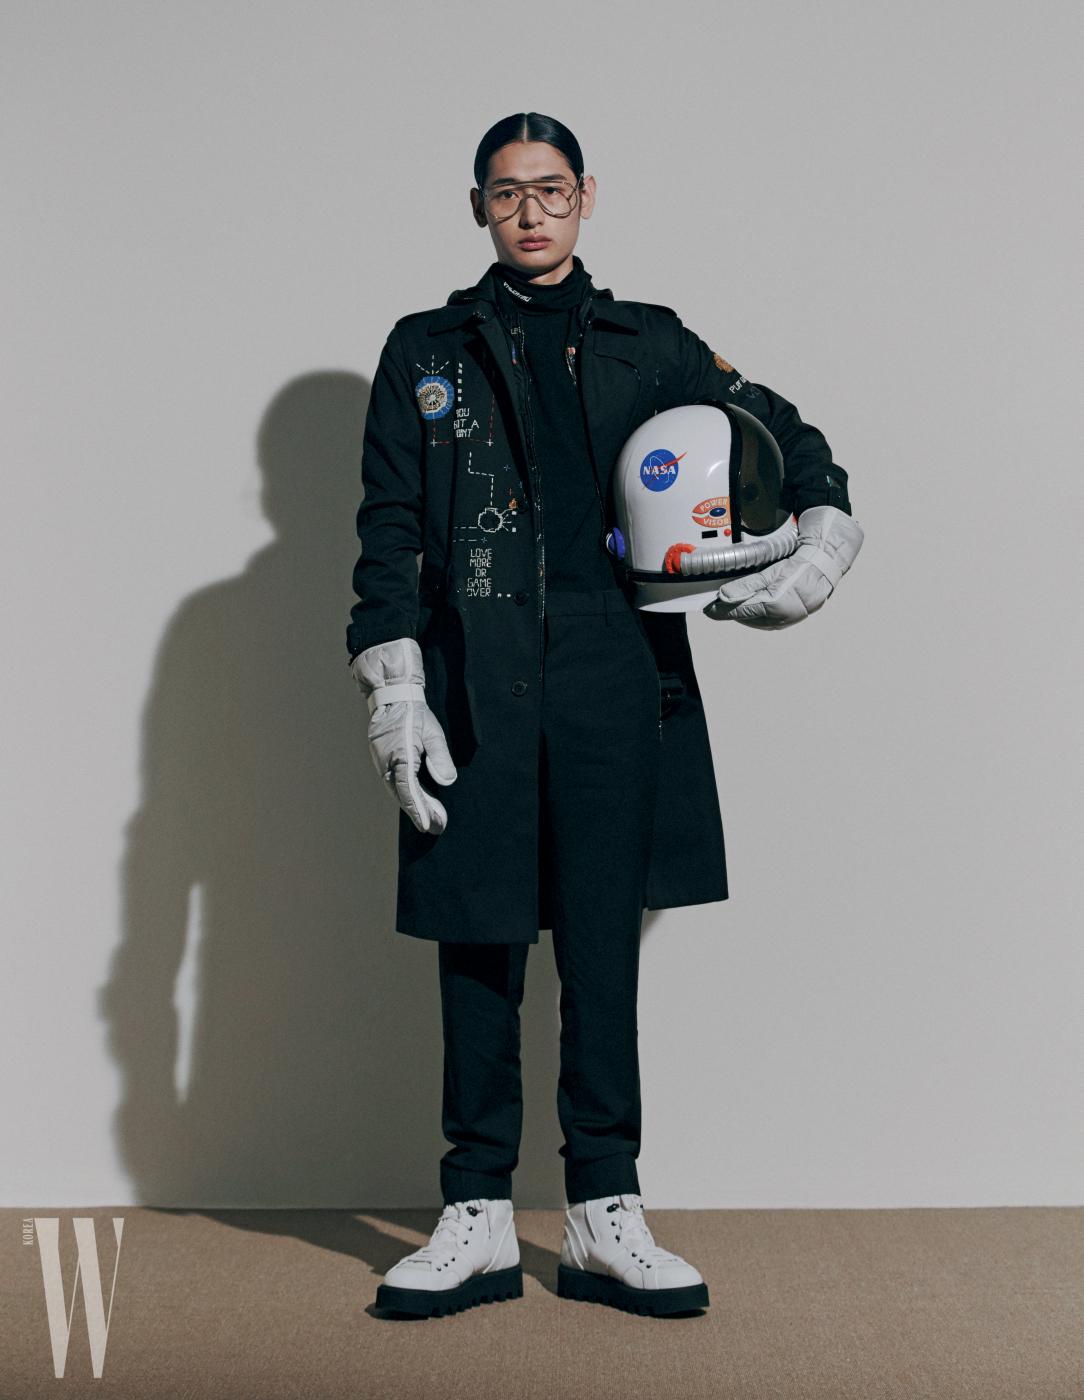 실험실 연구원의 유니폼을 연상시키는 자수 장식 코트, 터틀넥 톱, 셔츠, 팬츠는 모두 발렌티노, 다운 장갑과 레이스업 부츠는 지제냐, 안경은 젠틀 몬스터 제품.